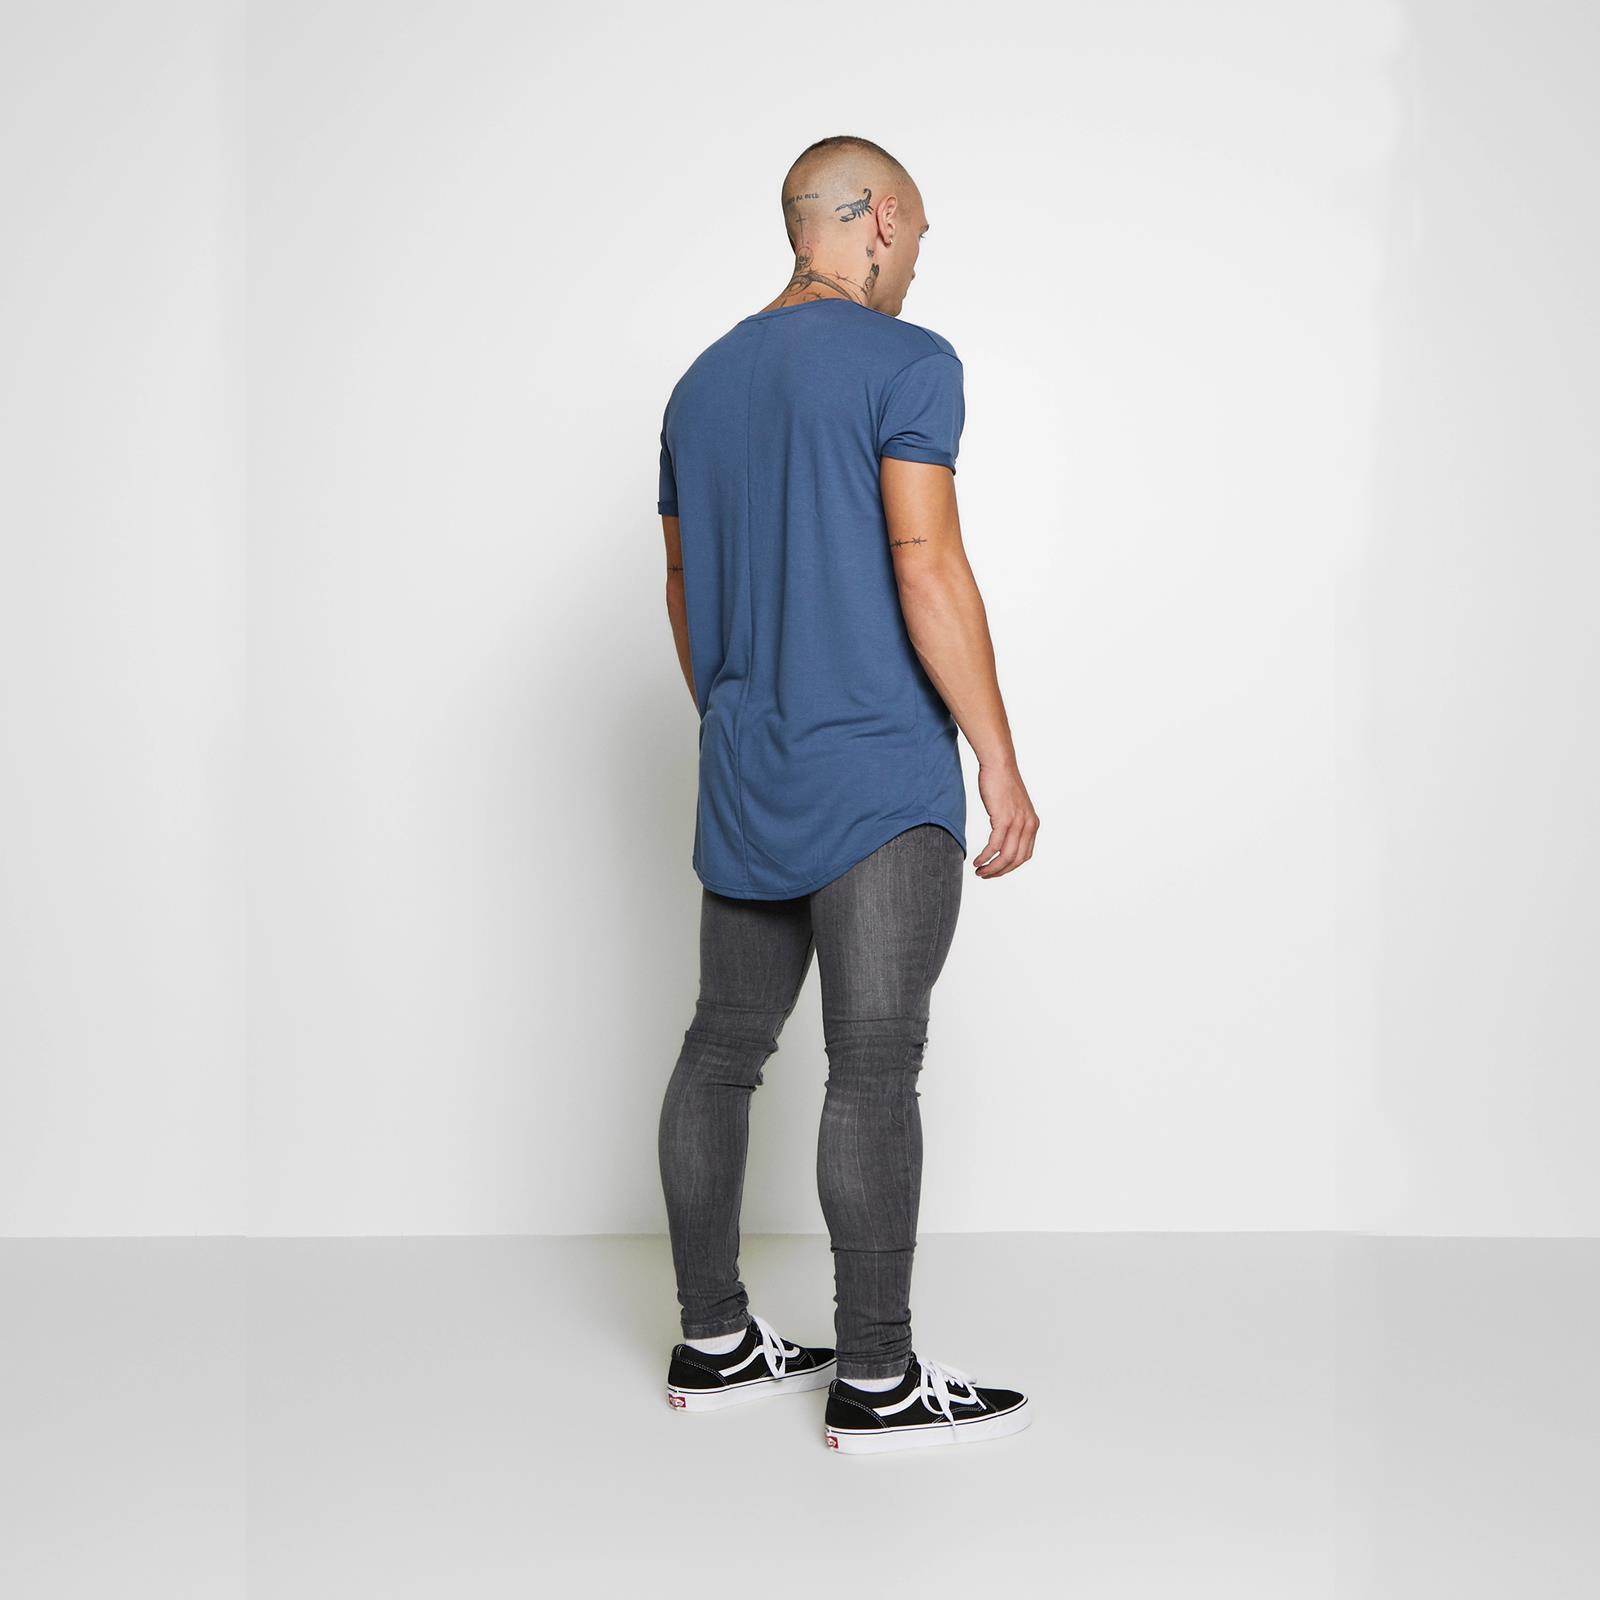 Mens Skinny Jeans Brave Soul Andre Stretch Distressed Black Wash Denim Pants